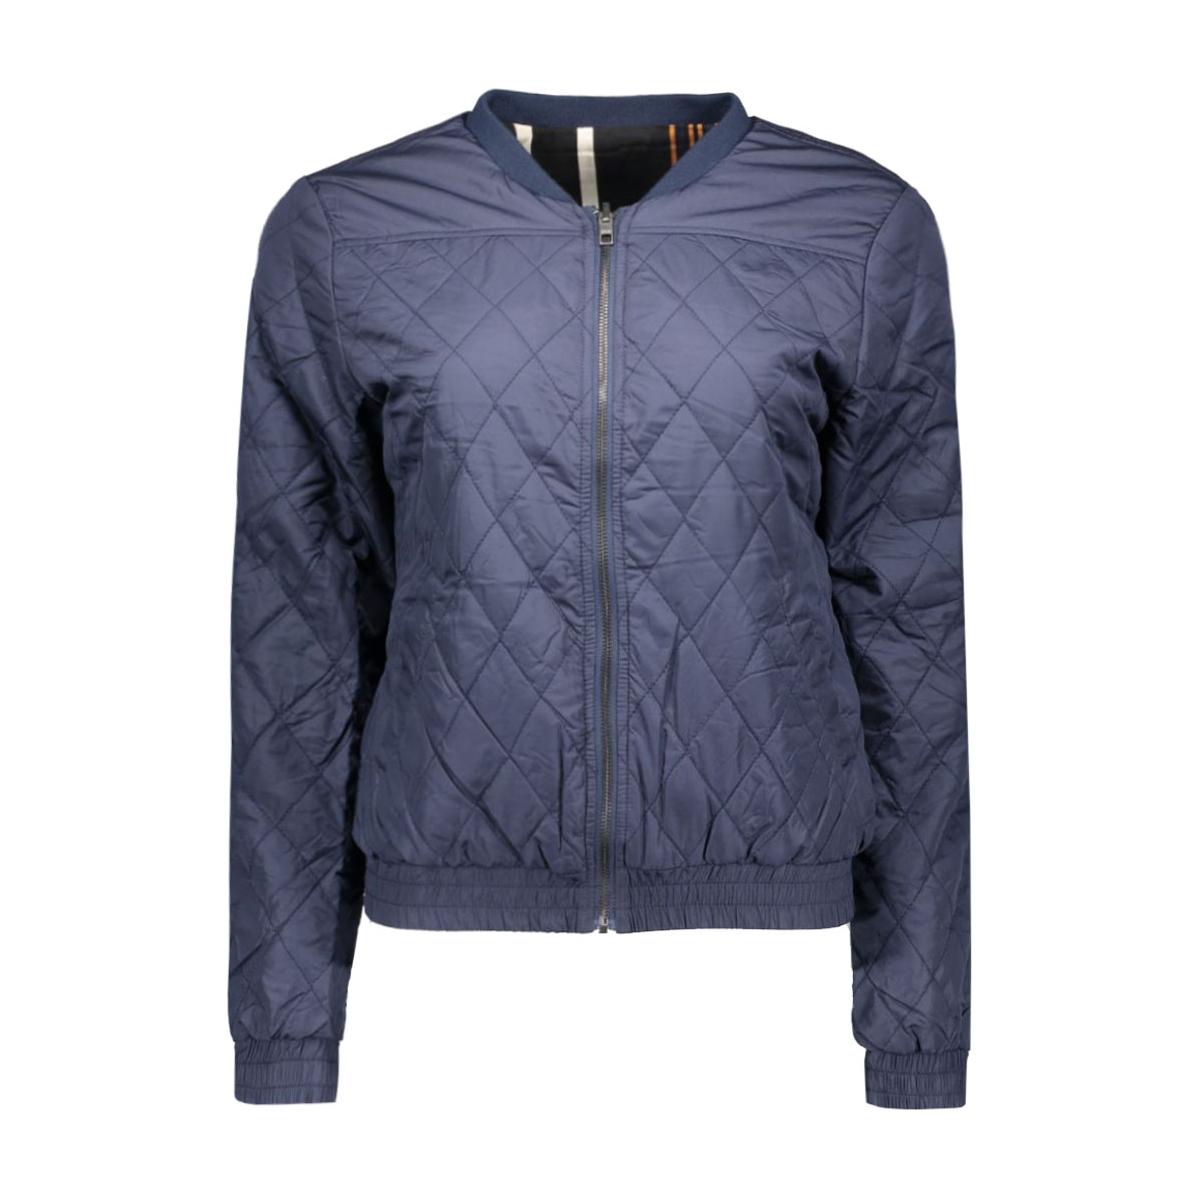 onlsmoke nova bomber jacket otw 15129208 only jas navy blazer/nova strip